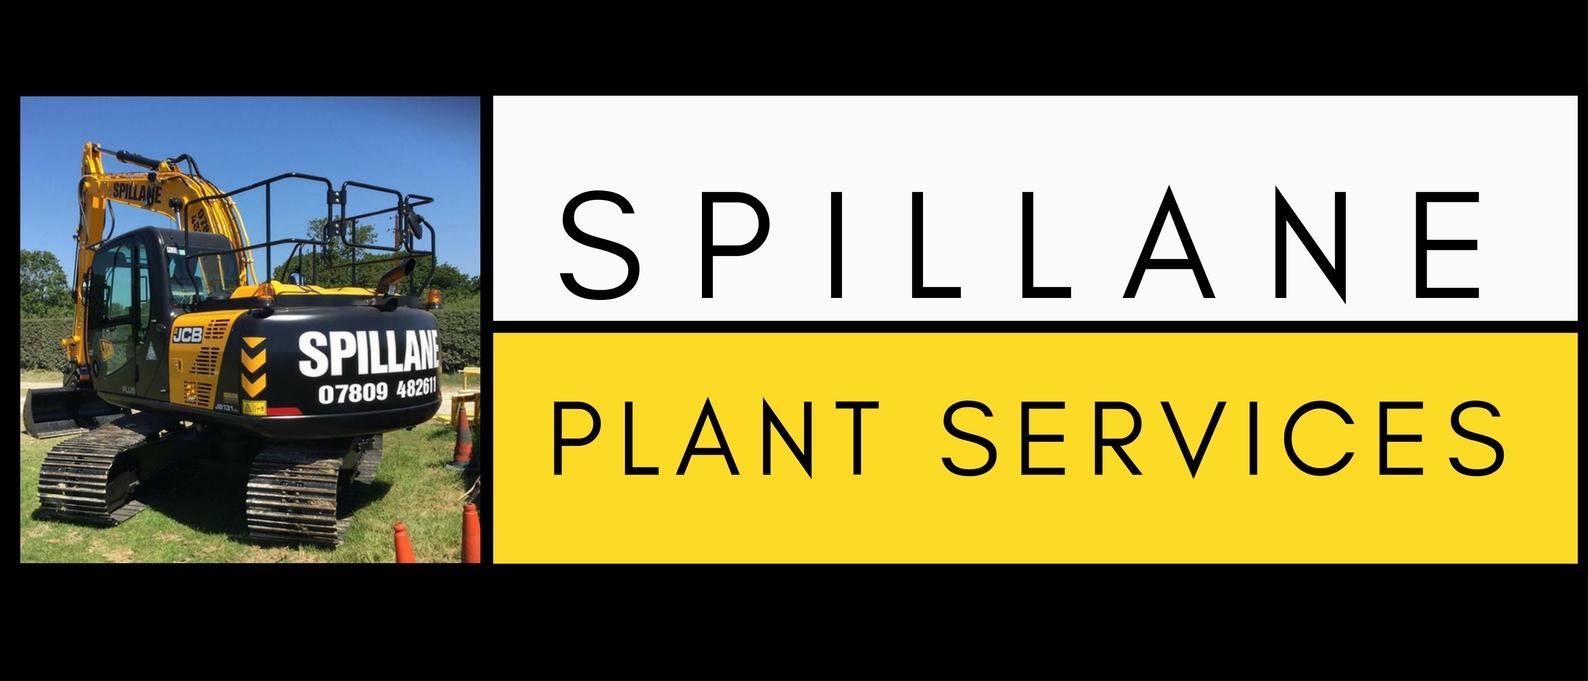 Spillane Plant Services